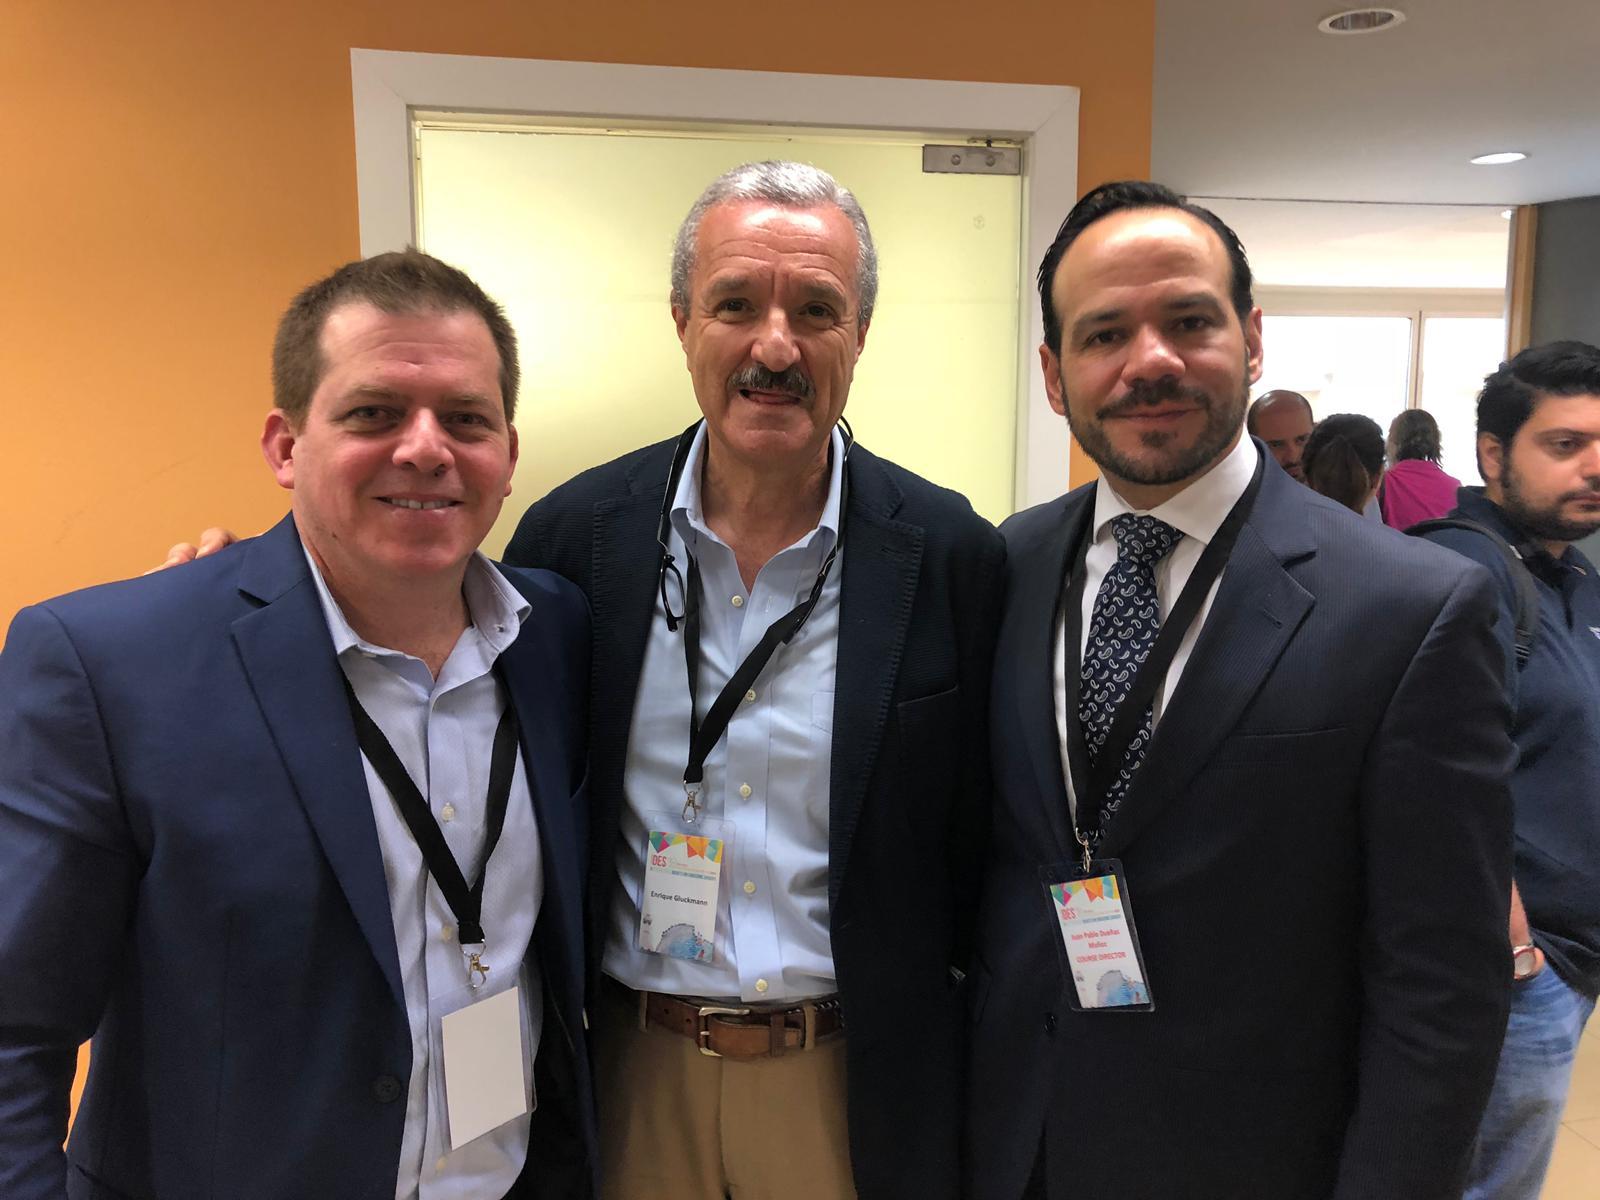 Con los Doctores Dueñas (Colombia) y Fernandez Ranvier del Hospital Mont Sinai de Nueva York.